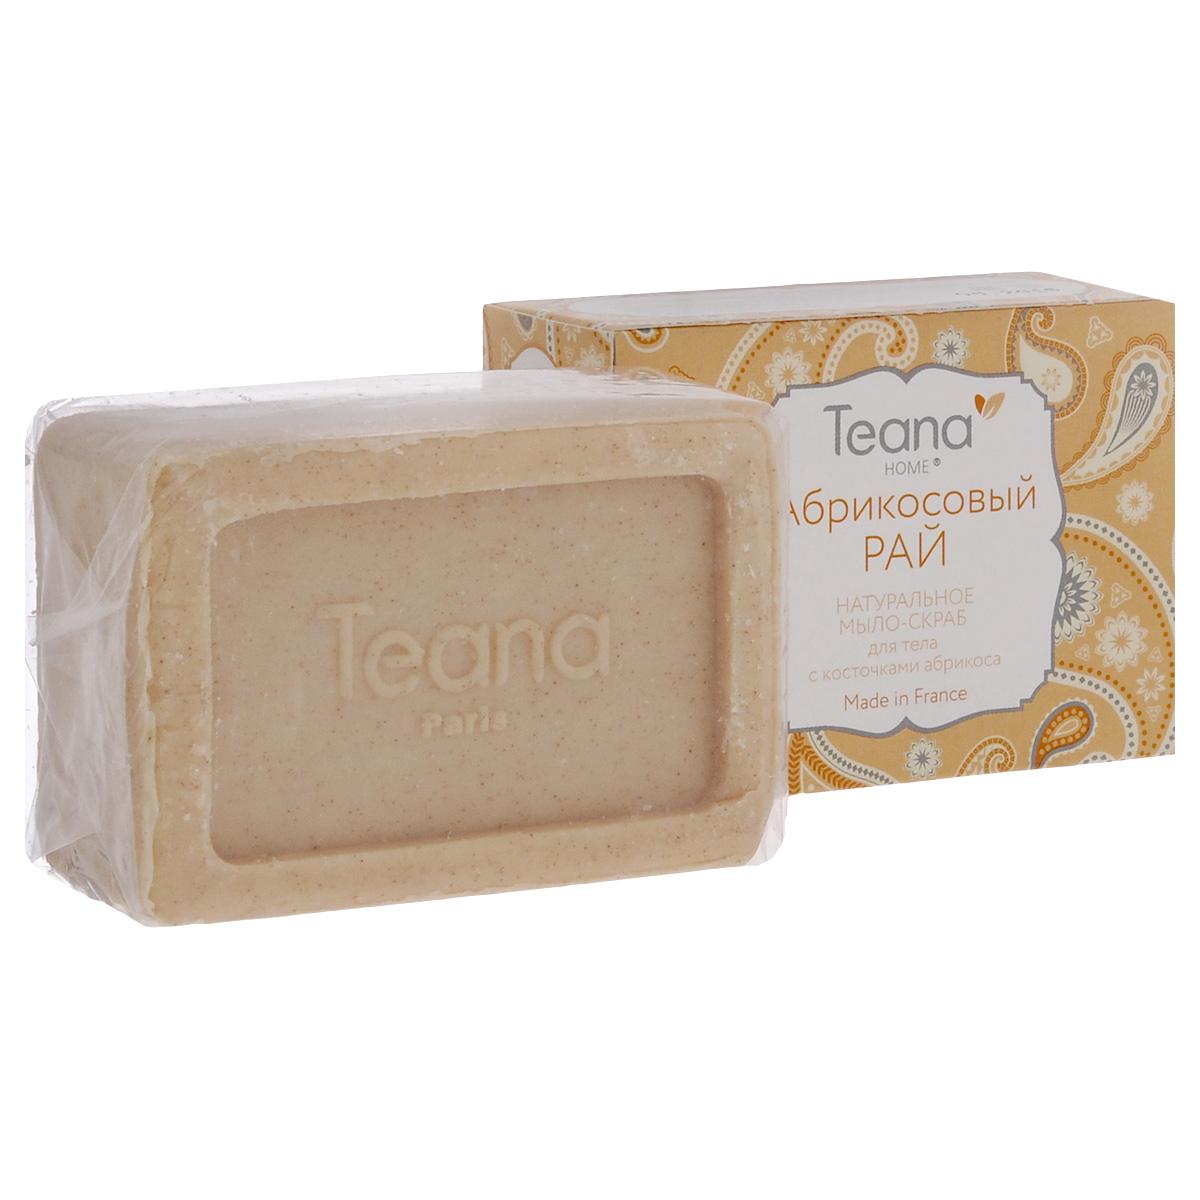 Teana Натуральное мыло-скраб для тела Абрикосовый рай, для всех типов кожи, с косточками абрикоса, 100 г